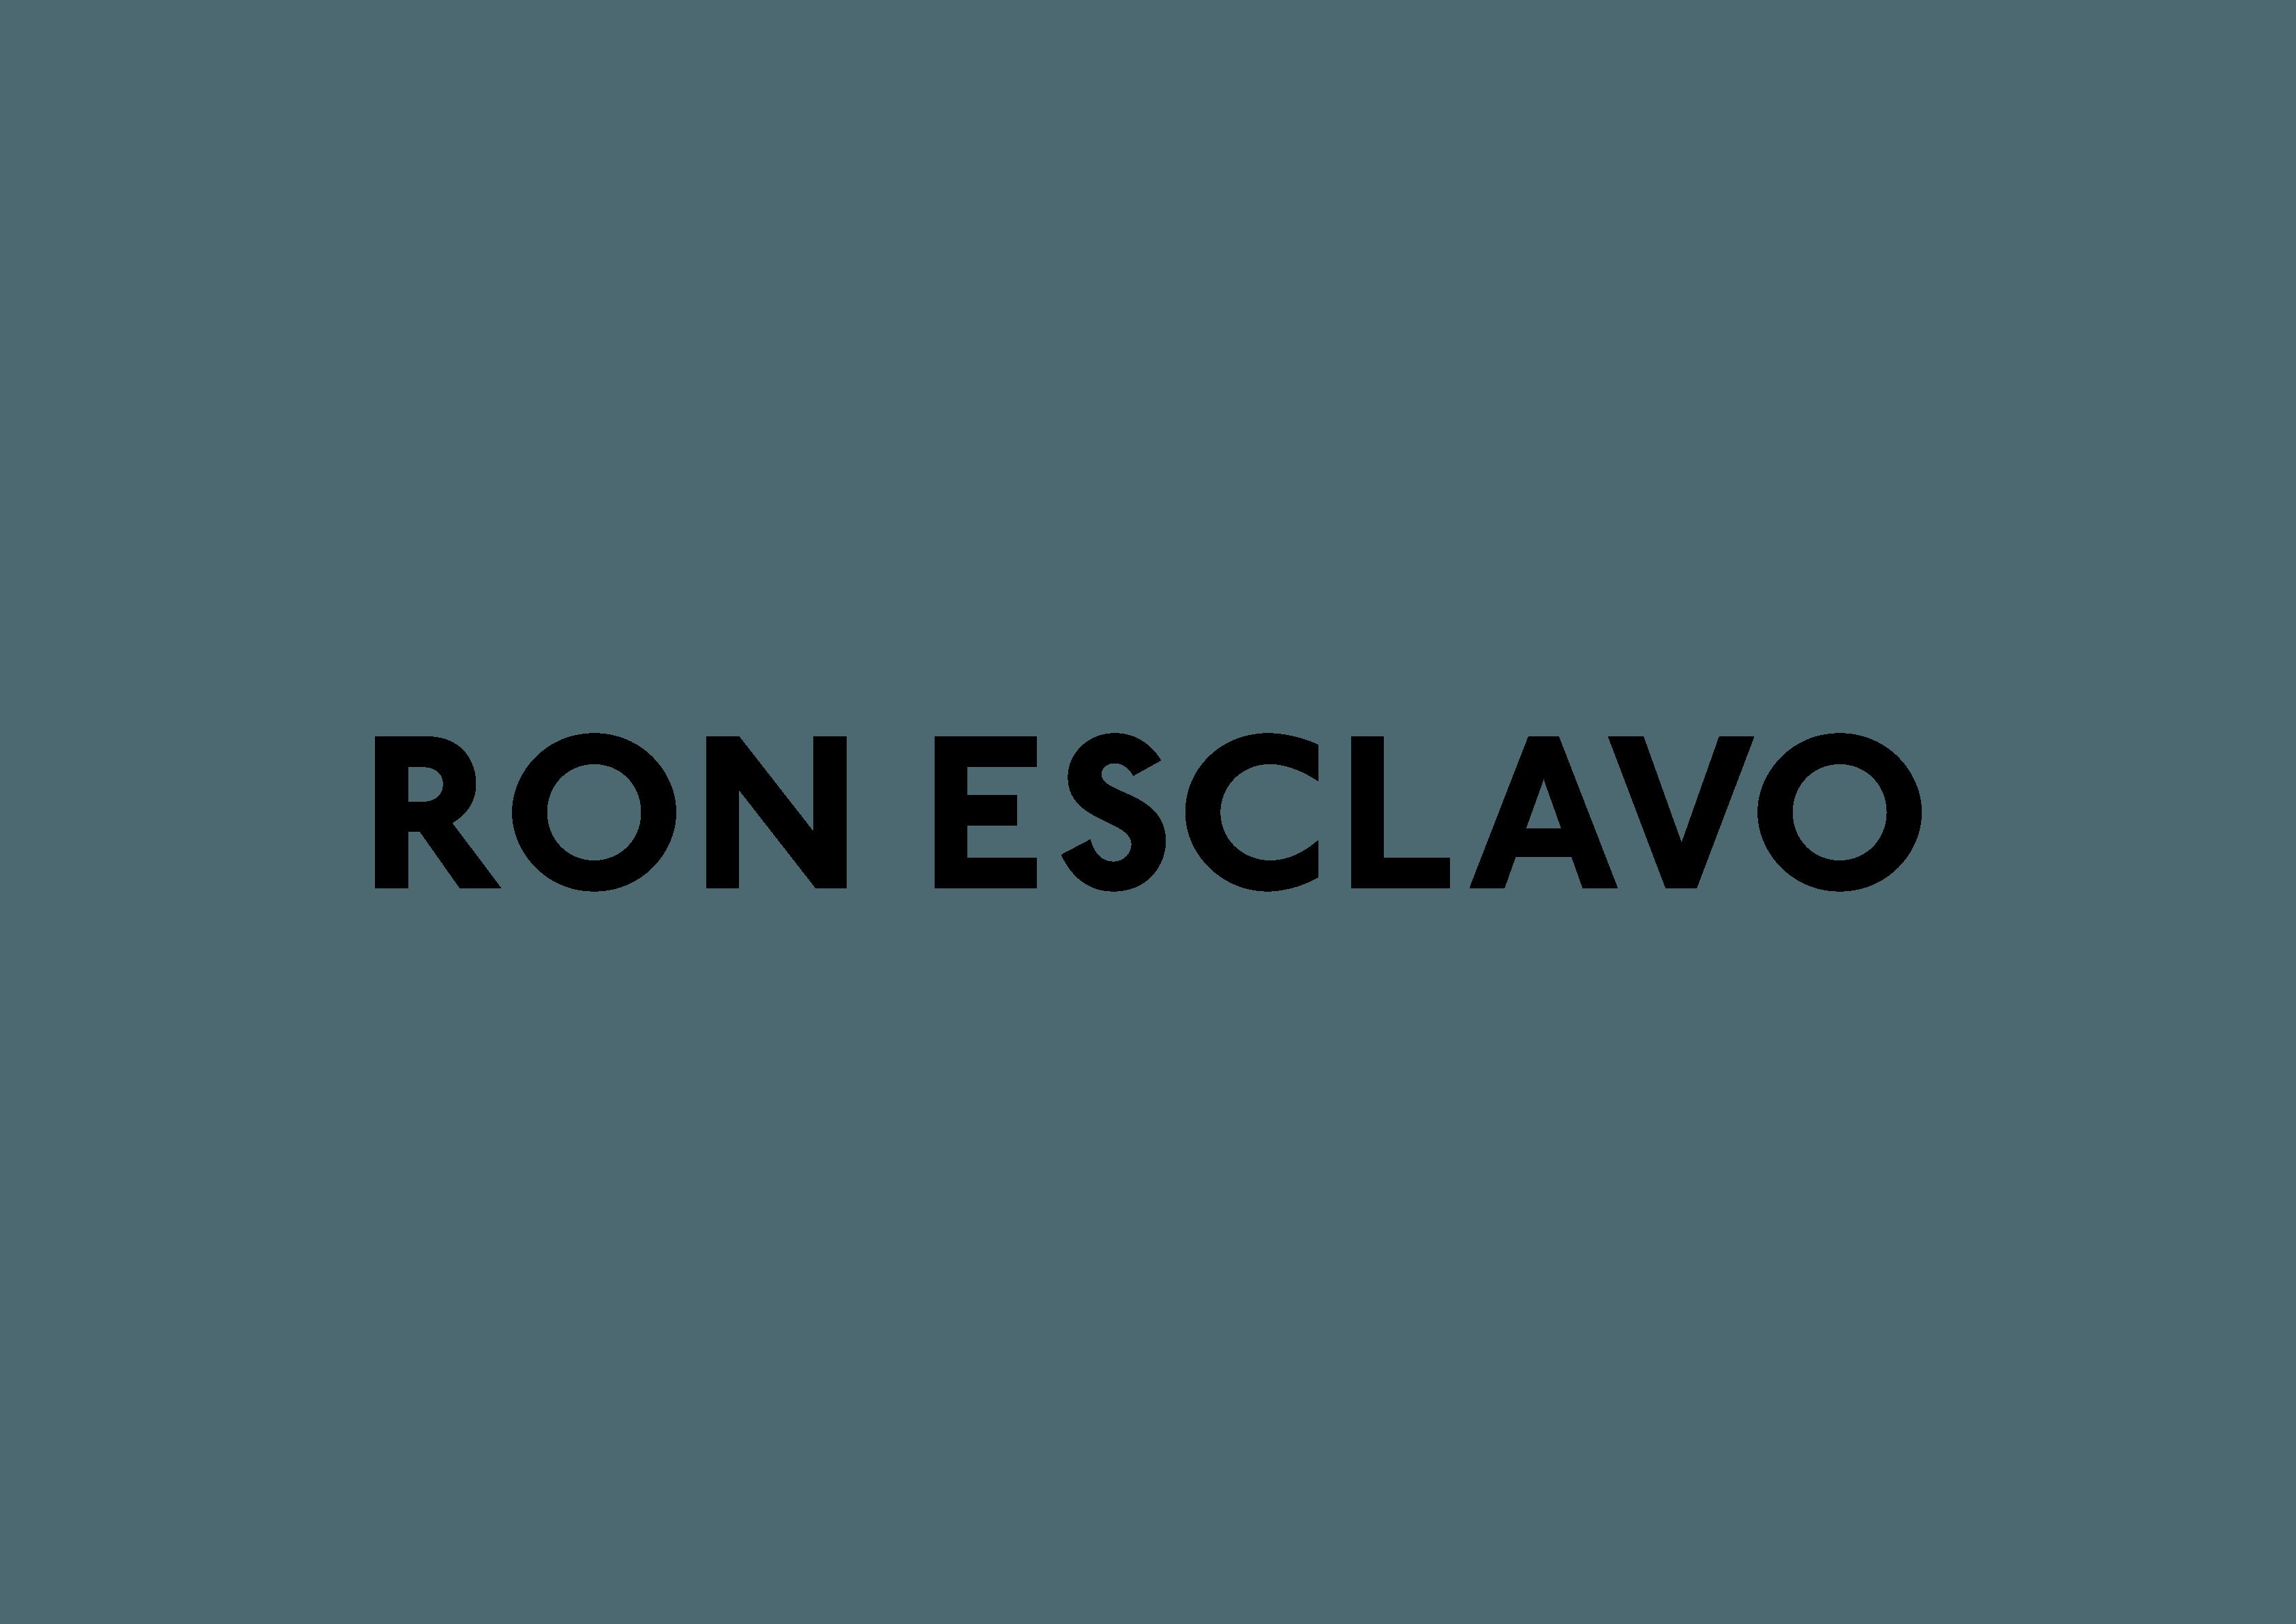 RON ESCLAVO